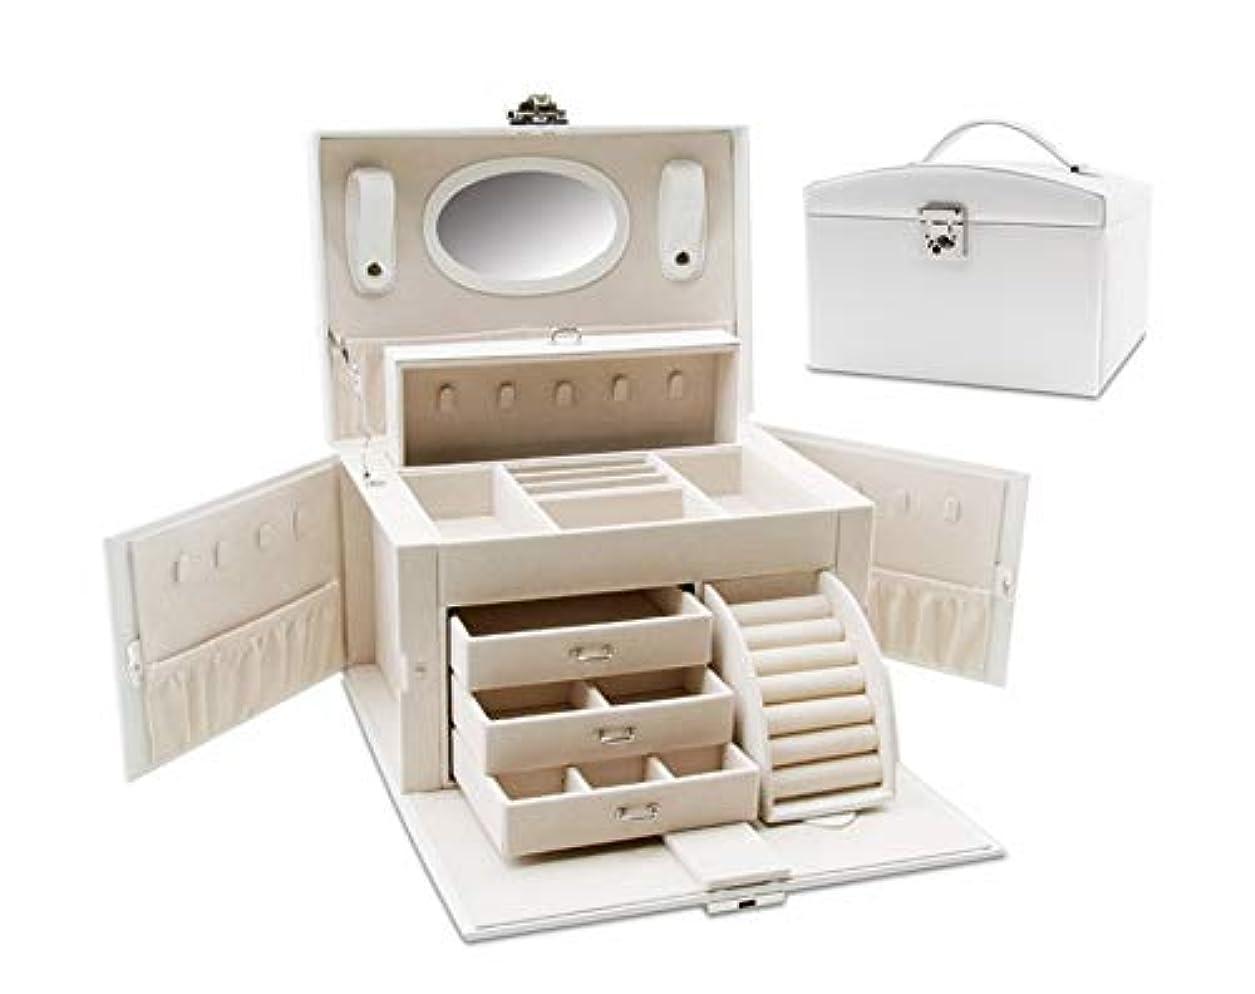 静かな添加香ばしい化粧オーガナイザーバッグ 小さなアイテムのストレージのための丈夫な女性のジュエリーの収納ボックス 化粧品ケース (色 : 白)